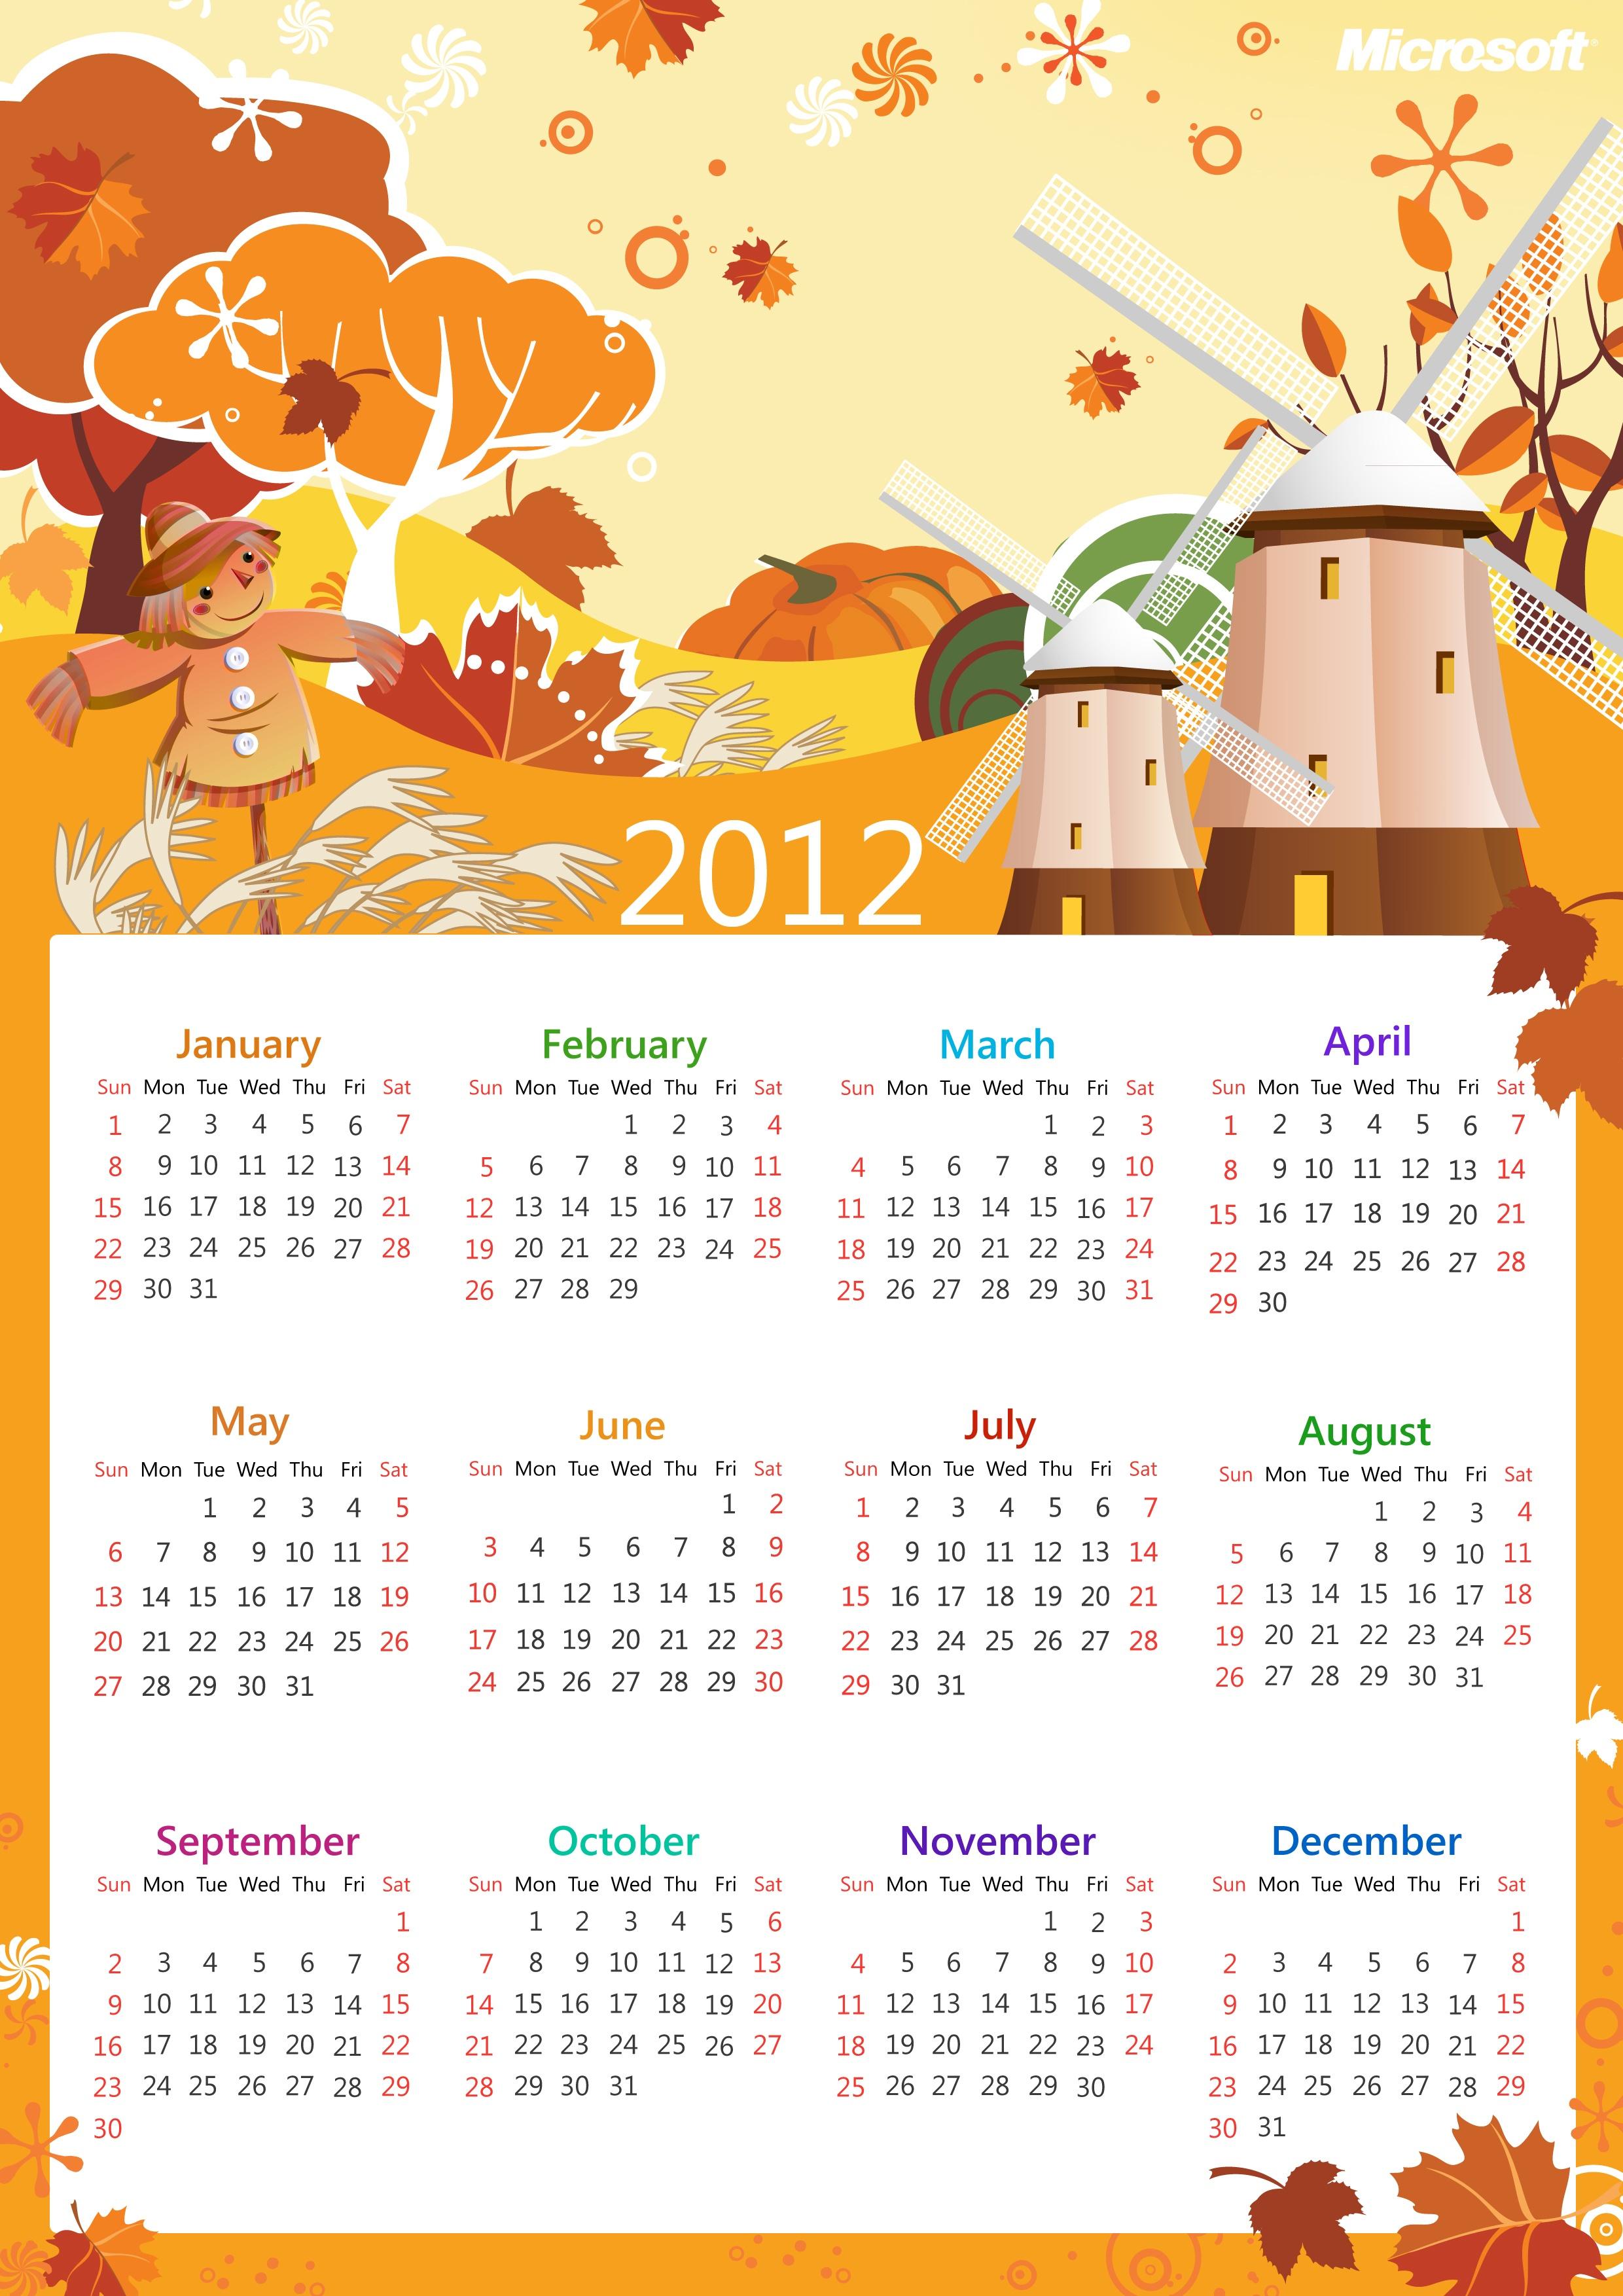 微软贺新春2012年最新年历壁纸 免费下载